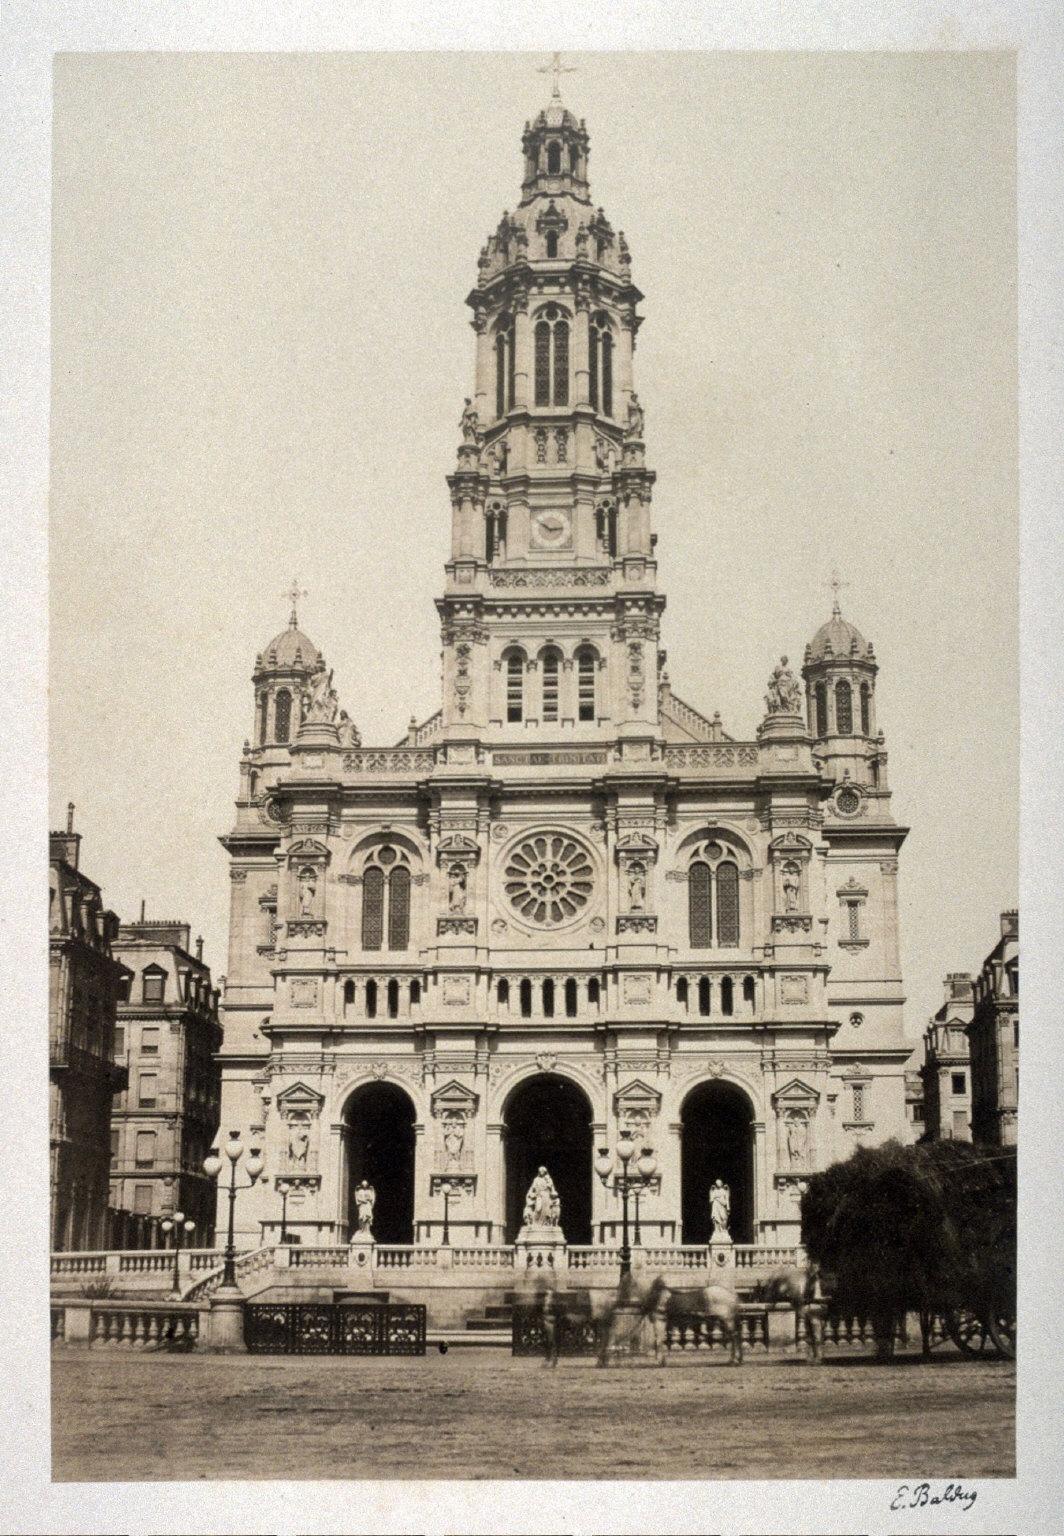 #18 Le Trinite (church) from 11 albumen prints from Vues de Paris en Photographie, 1858